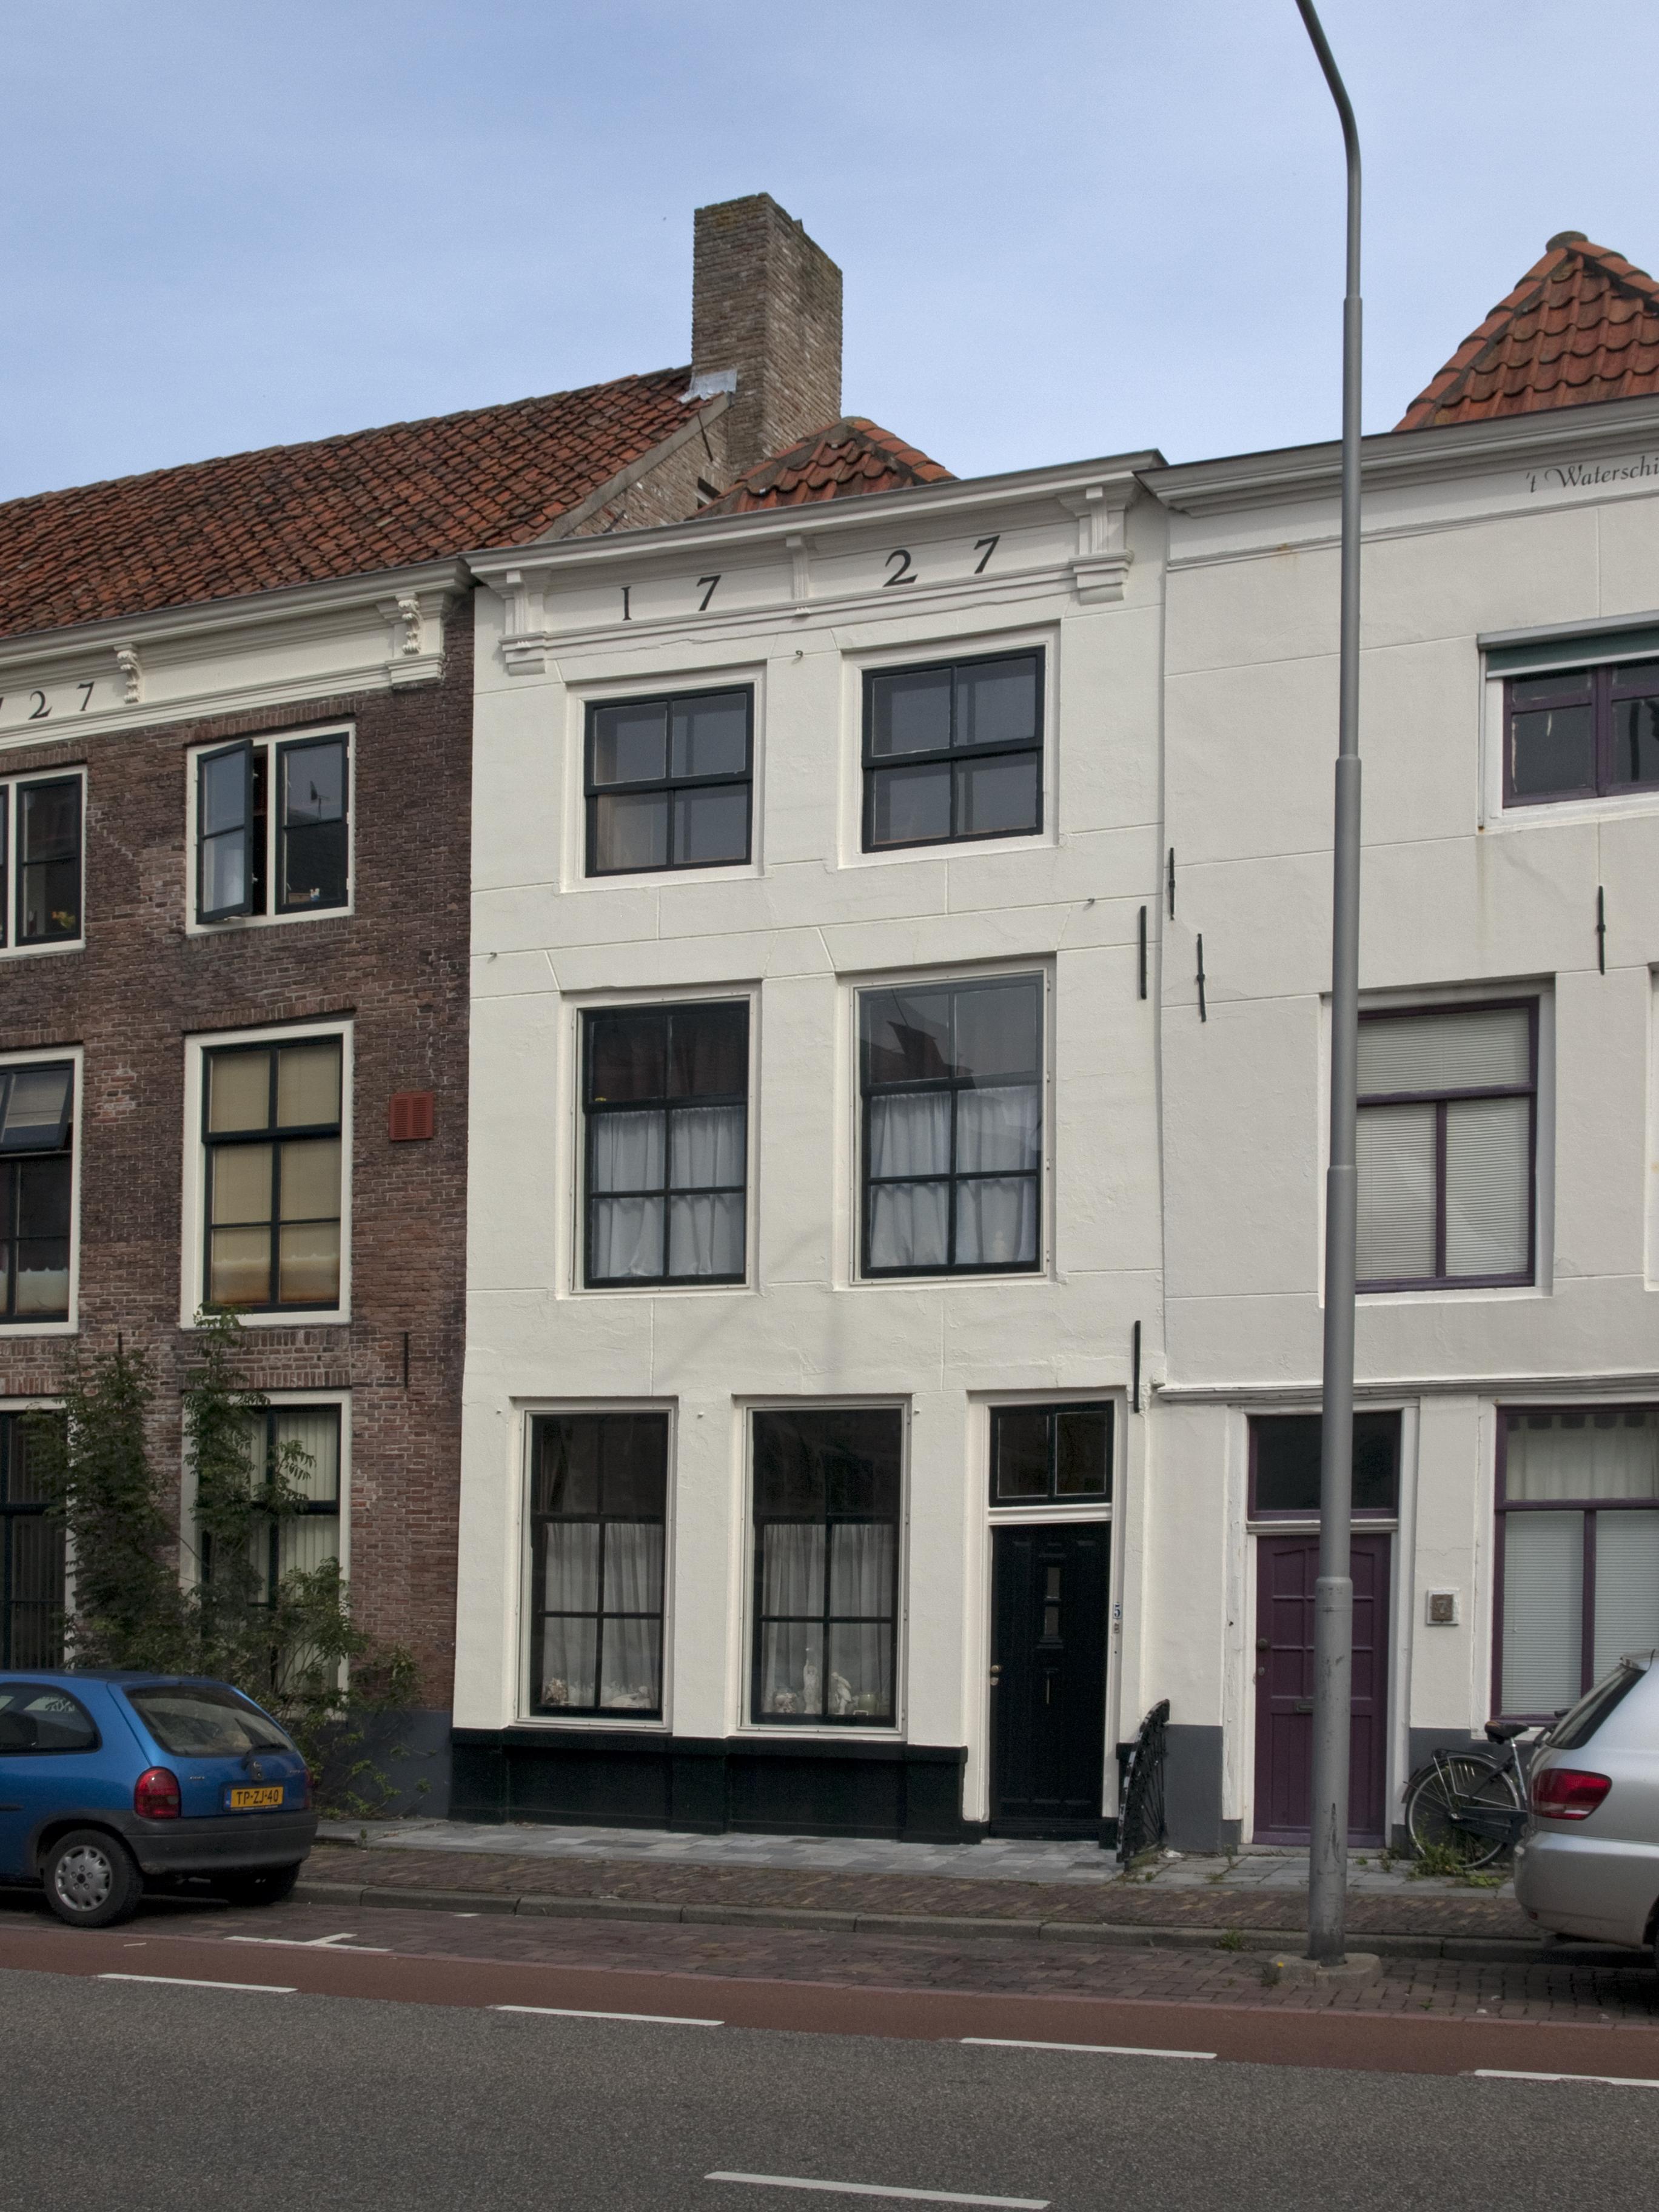 Huis met gepleisterde gevel in lijst gedateerd 1727 in for Lijst inrichting huis